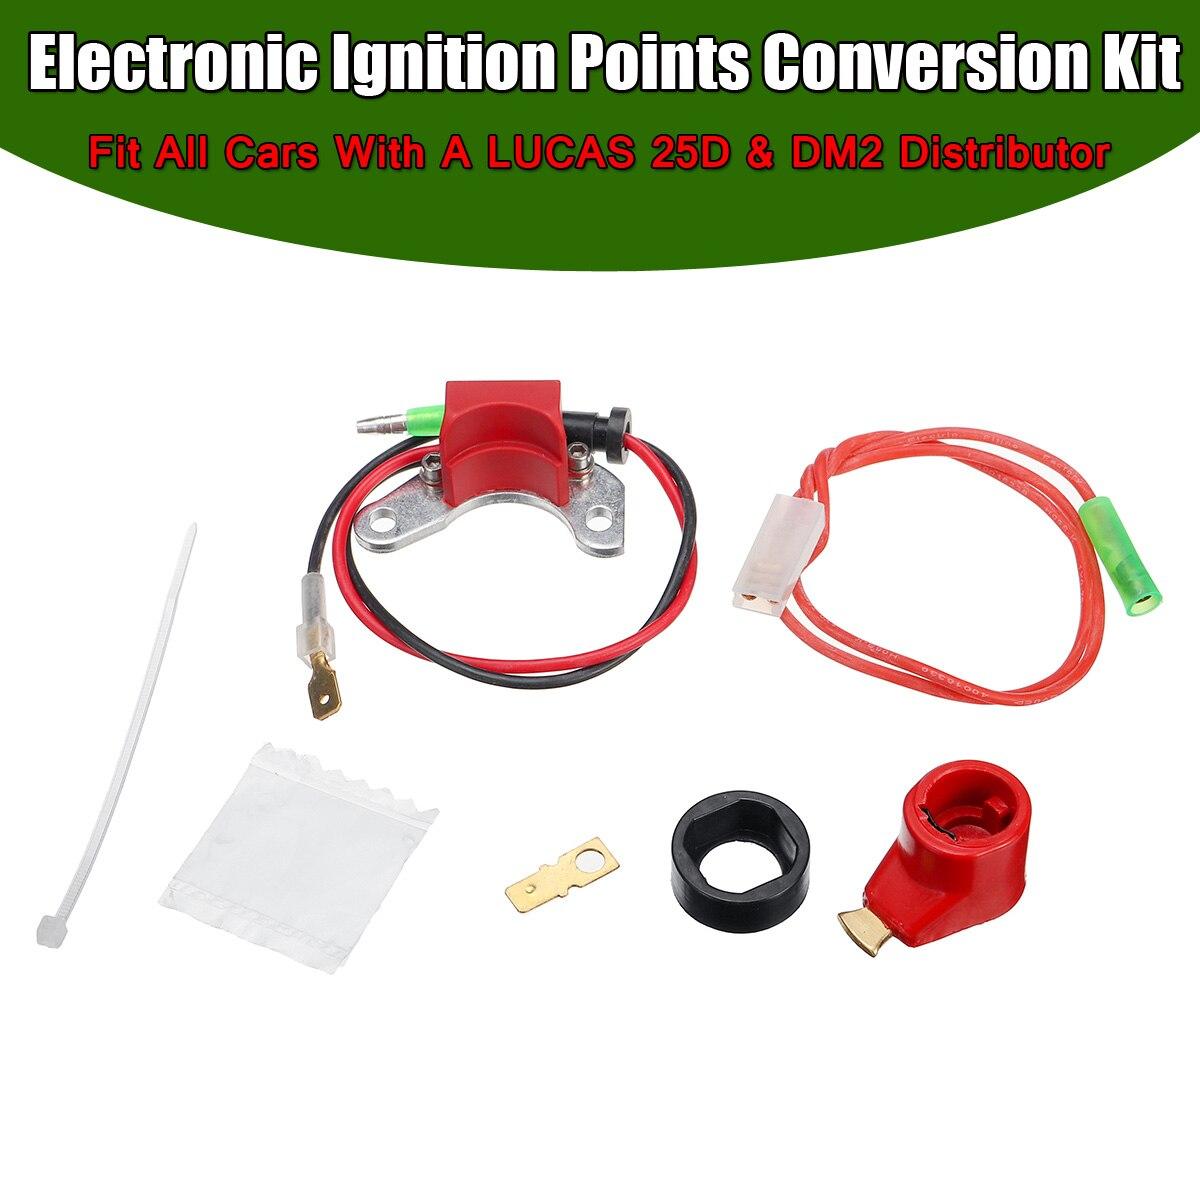 EIN Set Elektronische Zündung Punkte Umwandlung Distributor Spule Kit Fit Alle Autos Für LUCAS 25D + DM2 Distributor